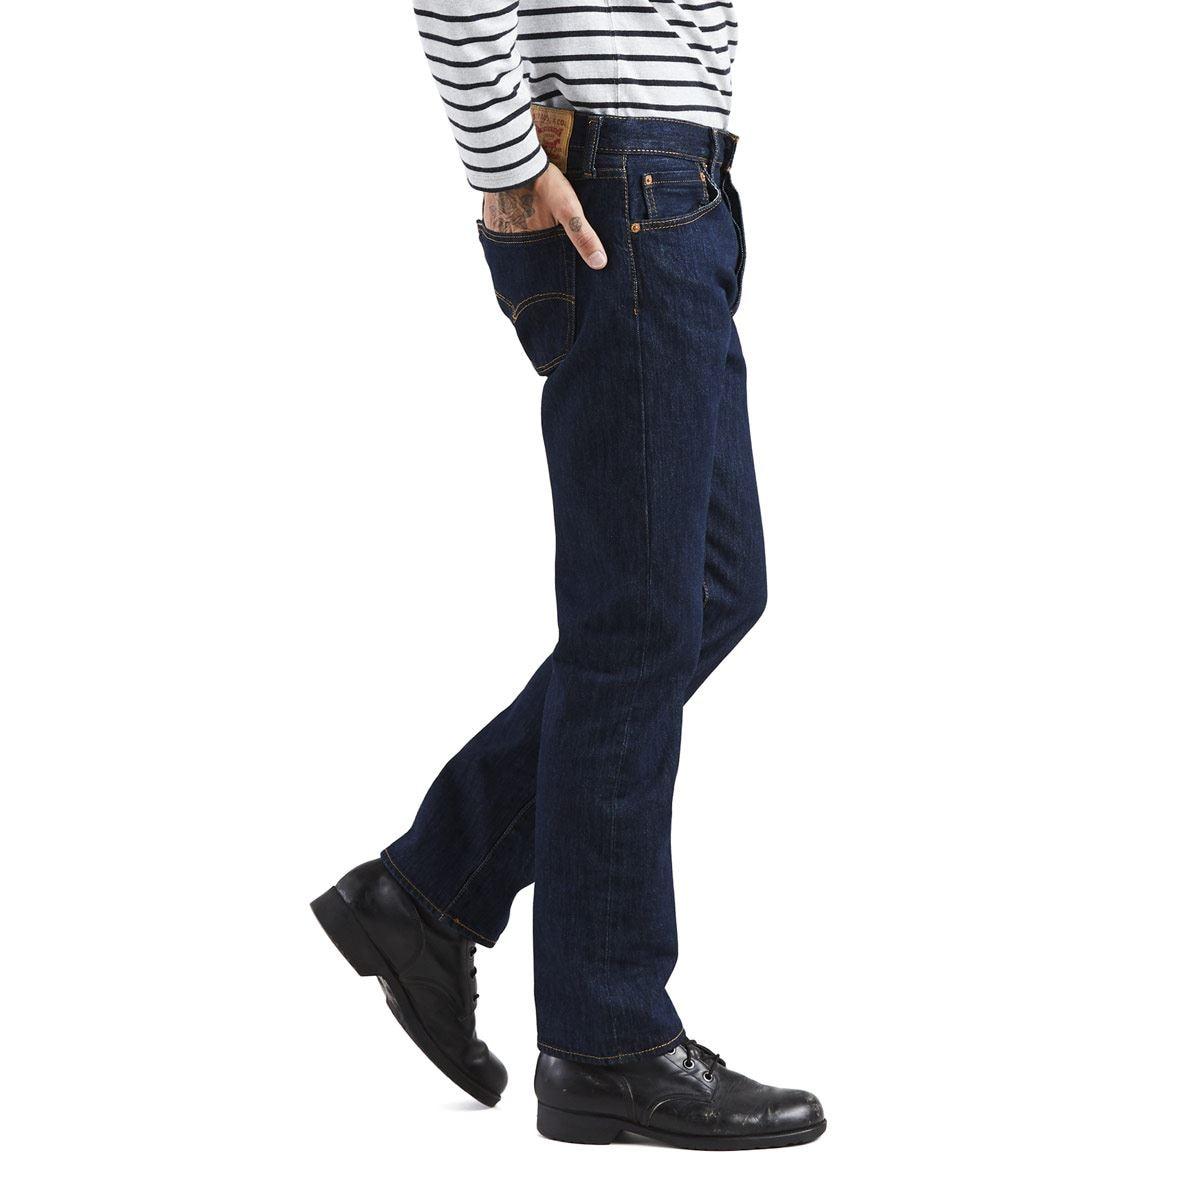 Jeans Levi's 501 Original Fit Jeans 36x30